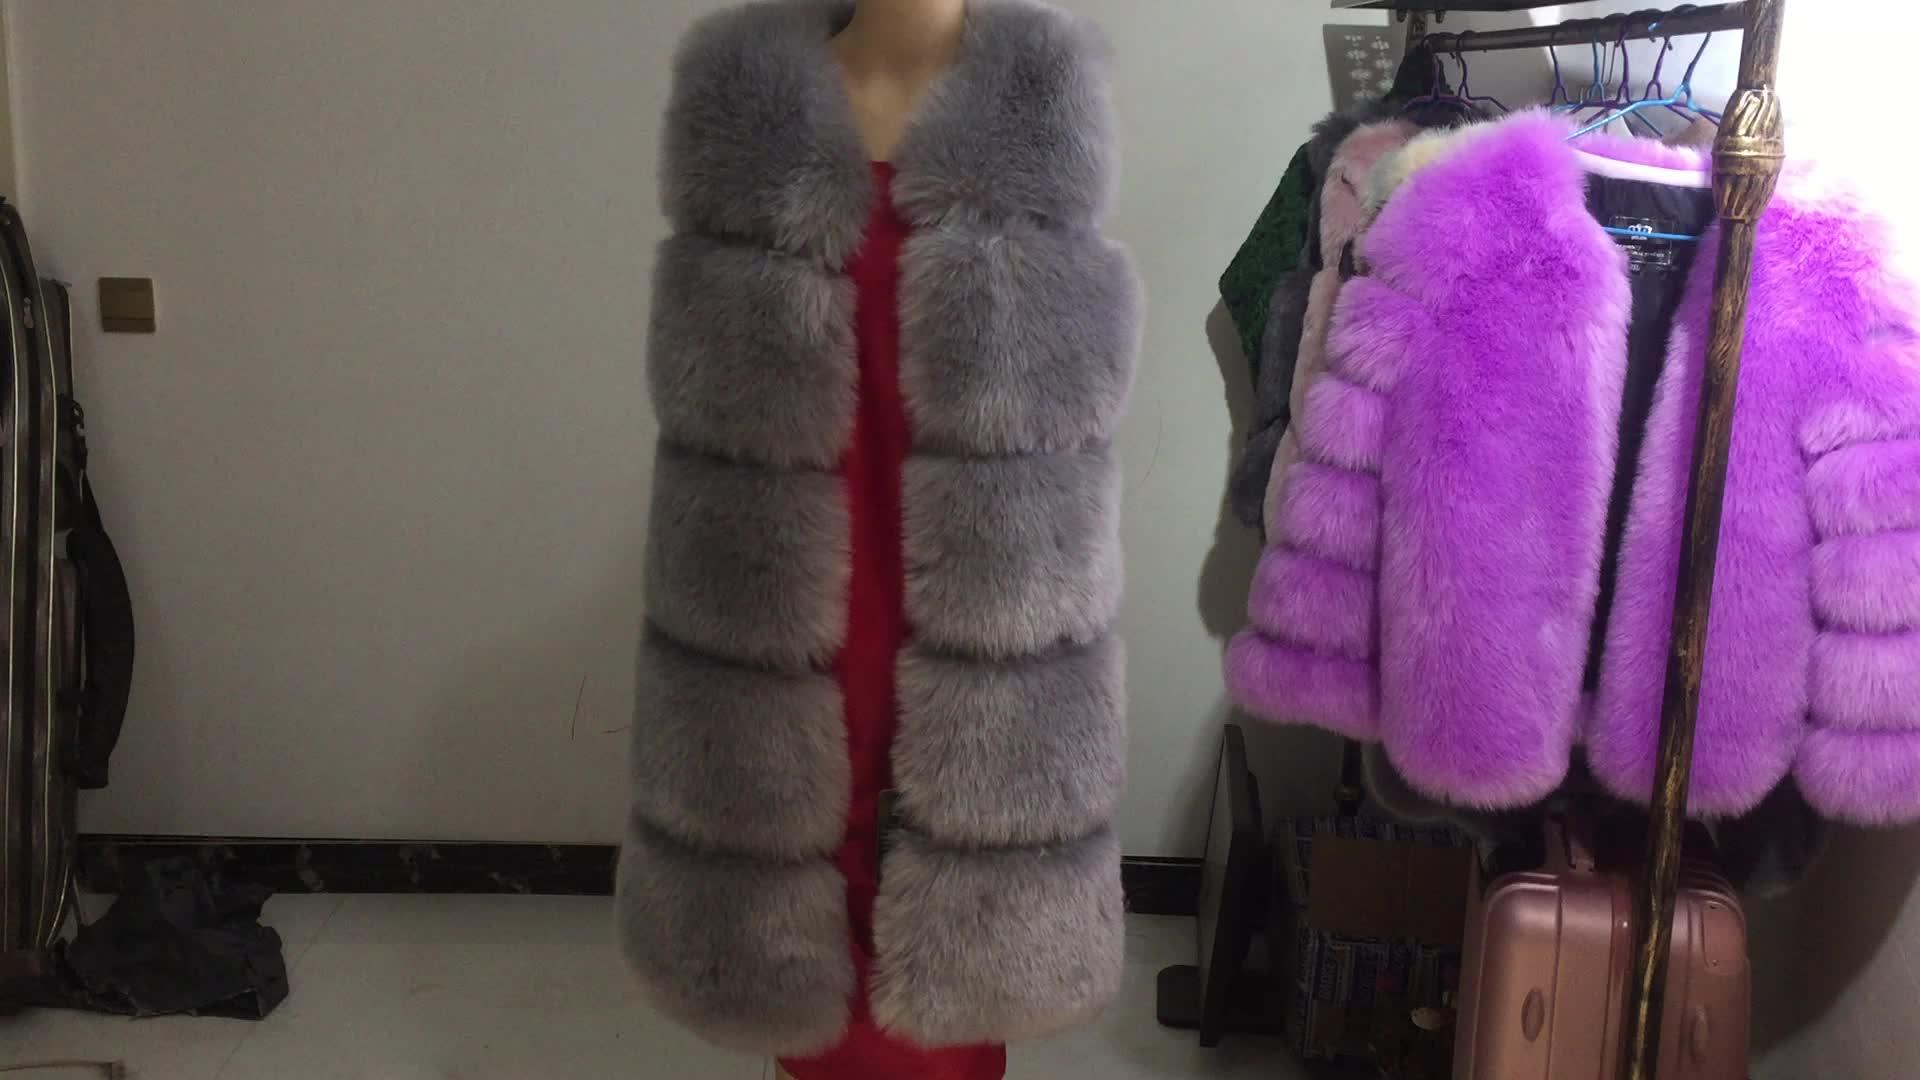 खरगोश फर बनियान 90 लंबाई लेडी लंबी शैली कोट के साथ कम कीमत